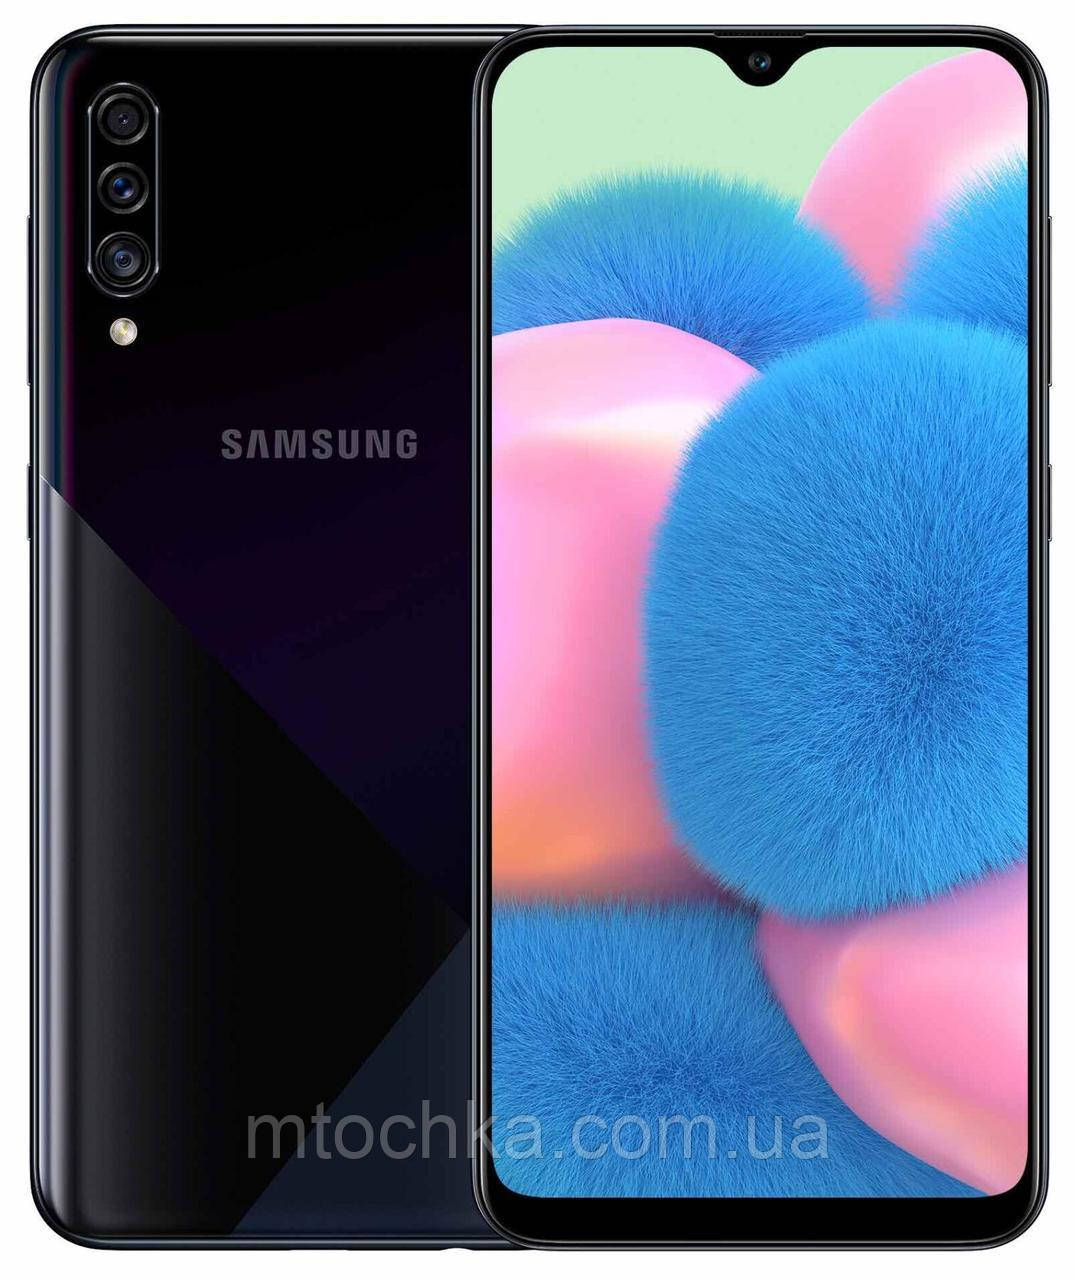 Телефон Samsung SM-A307F Galaxy A30S 2019 3/32GB Duos black